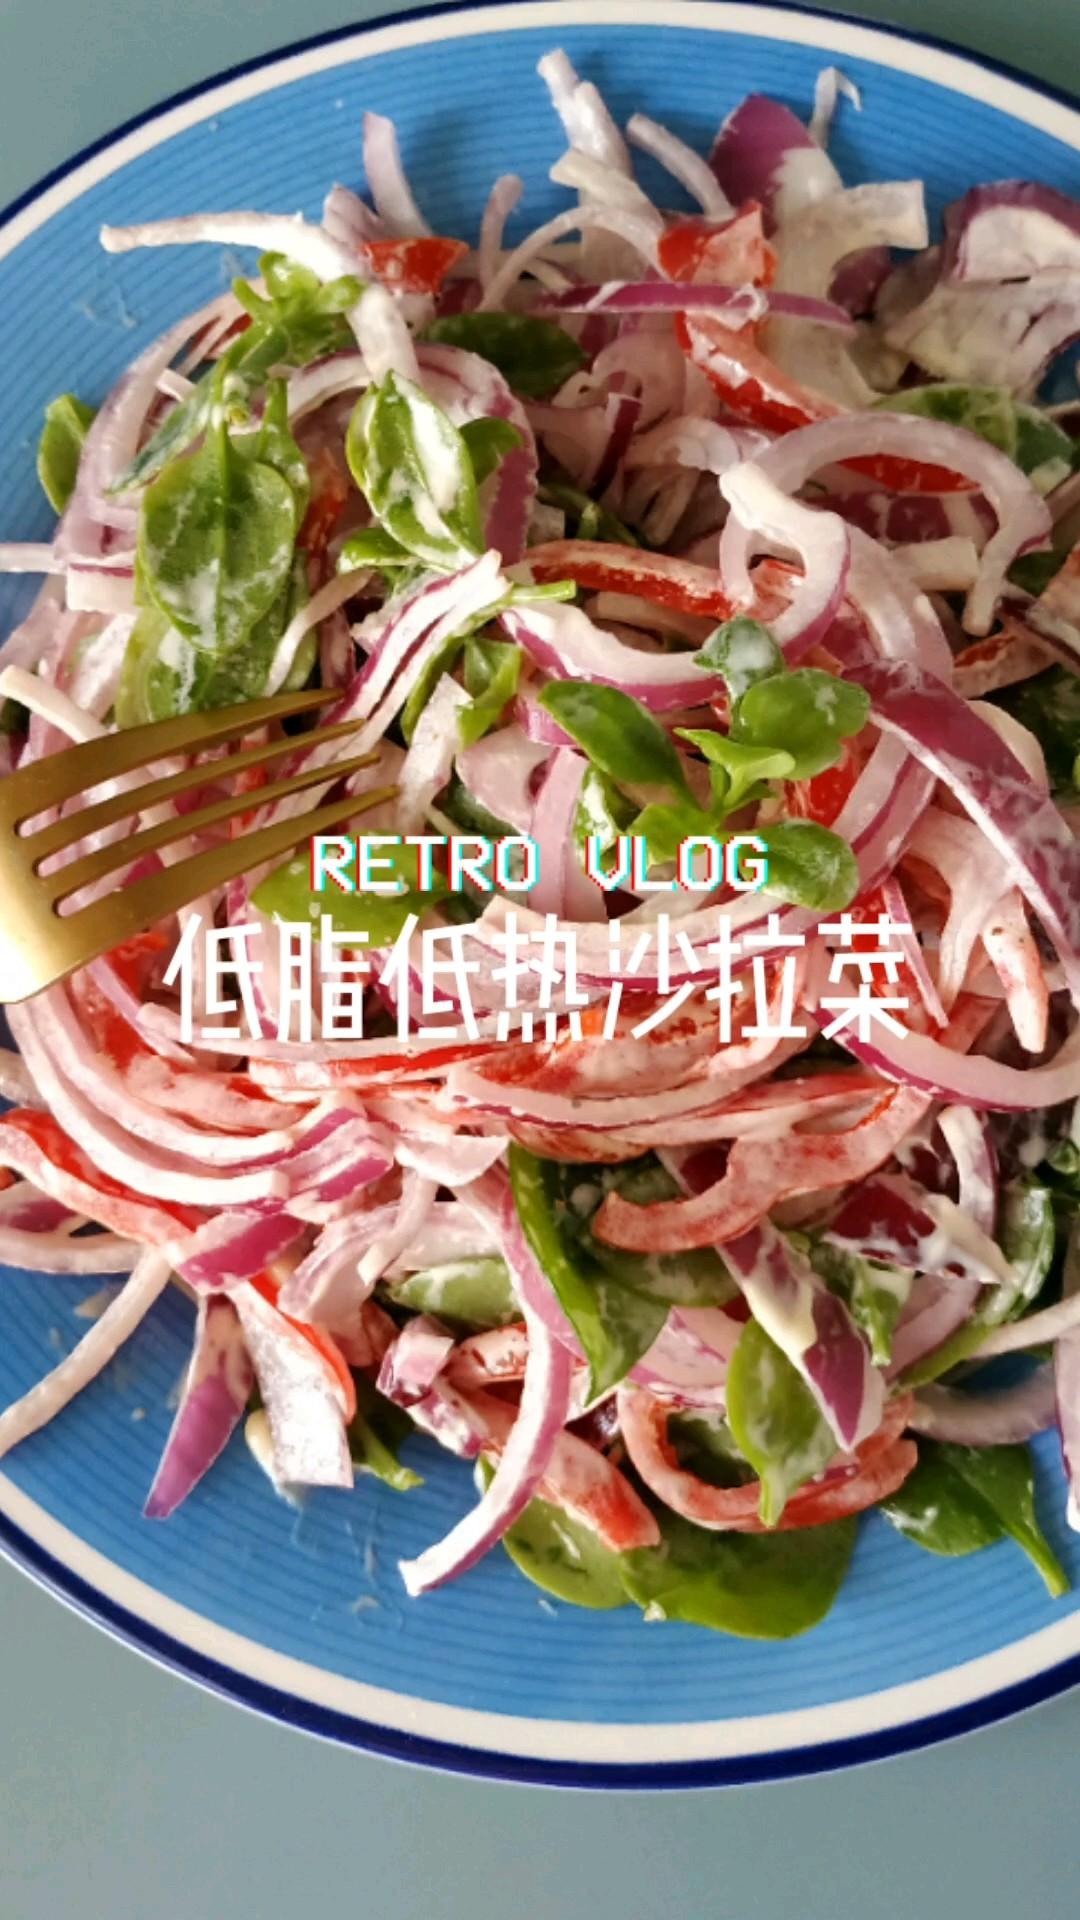 秋天多吃低脂低热菜,拌沙拉的做法